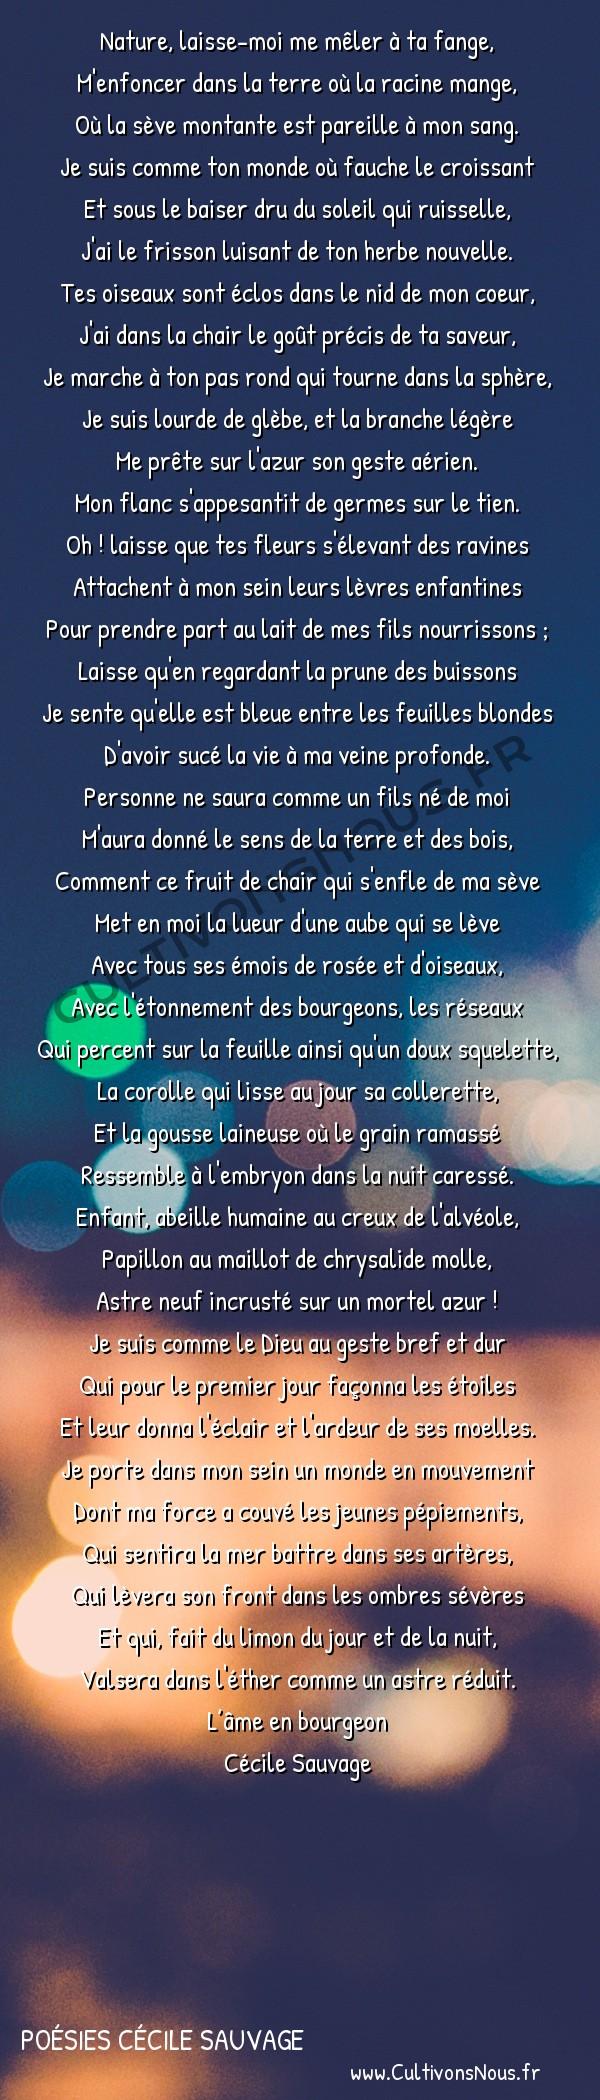 Poésies Cécile Sauvage - L'âme en bourgeon - Nature laisse-moi… -  Nature, laisse-moi me mêler à ta fange, M'enfoncer dans la terre où la racine mange,